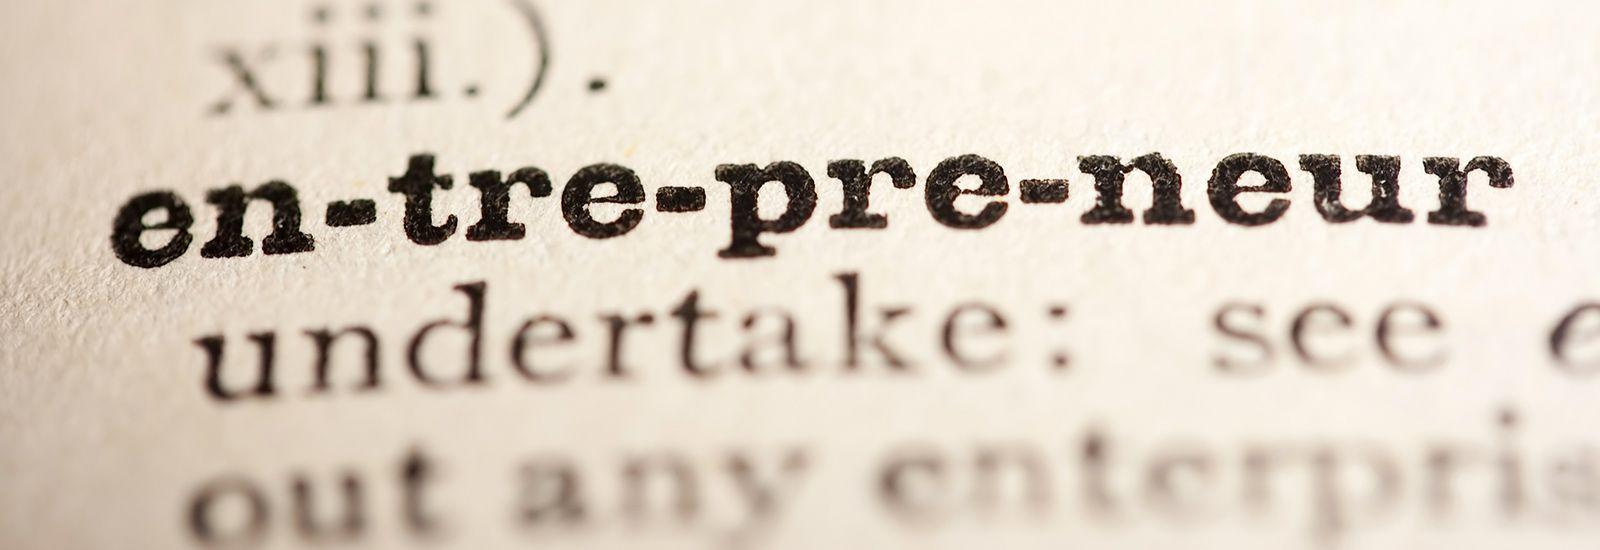 the word 'entrepreneur'